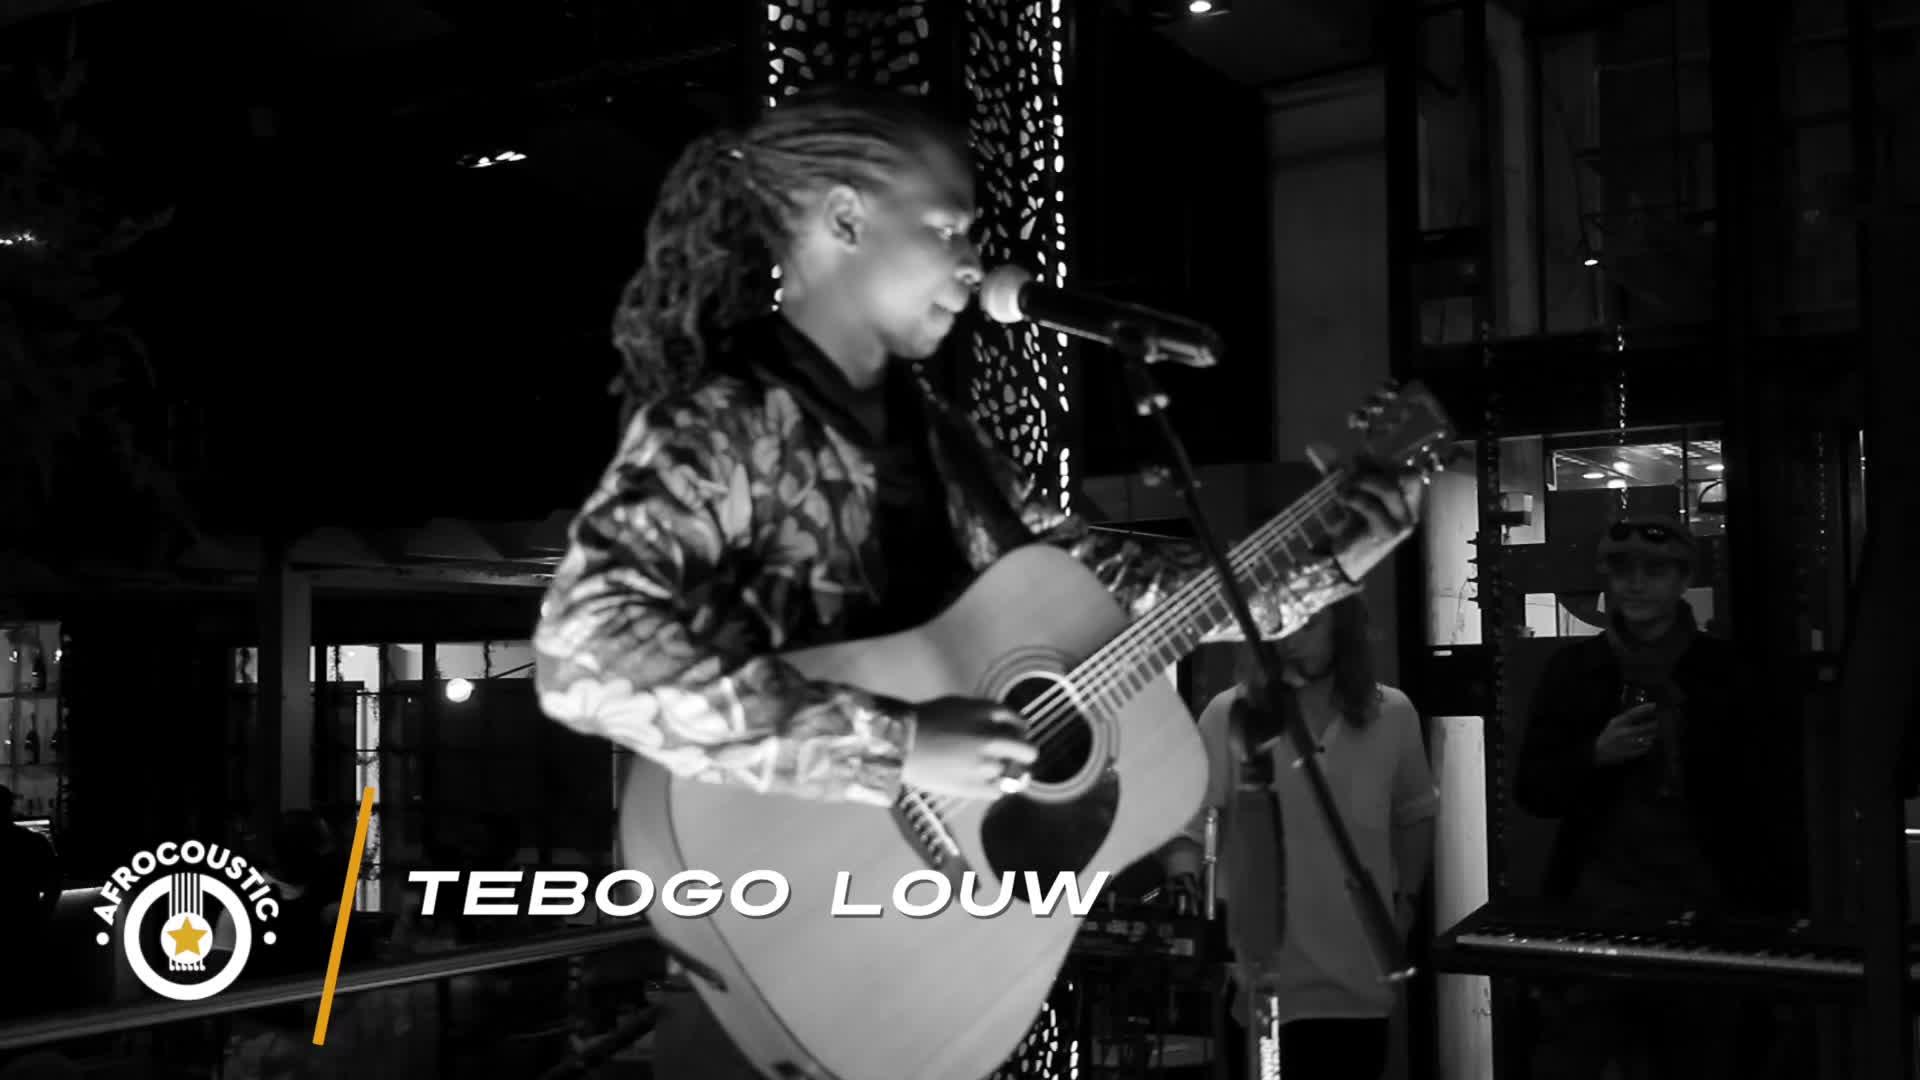 Afrocoustic - Tebogo Louw